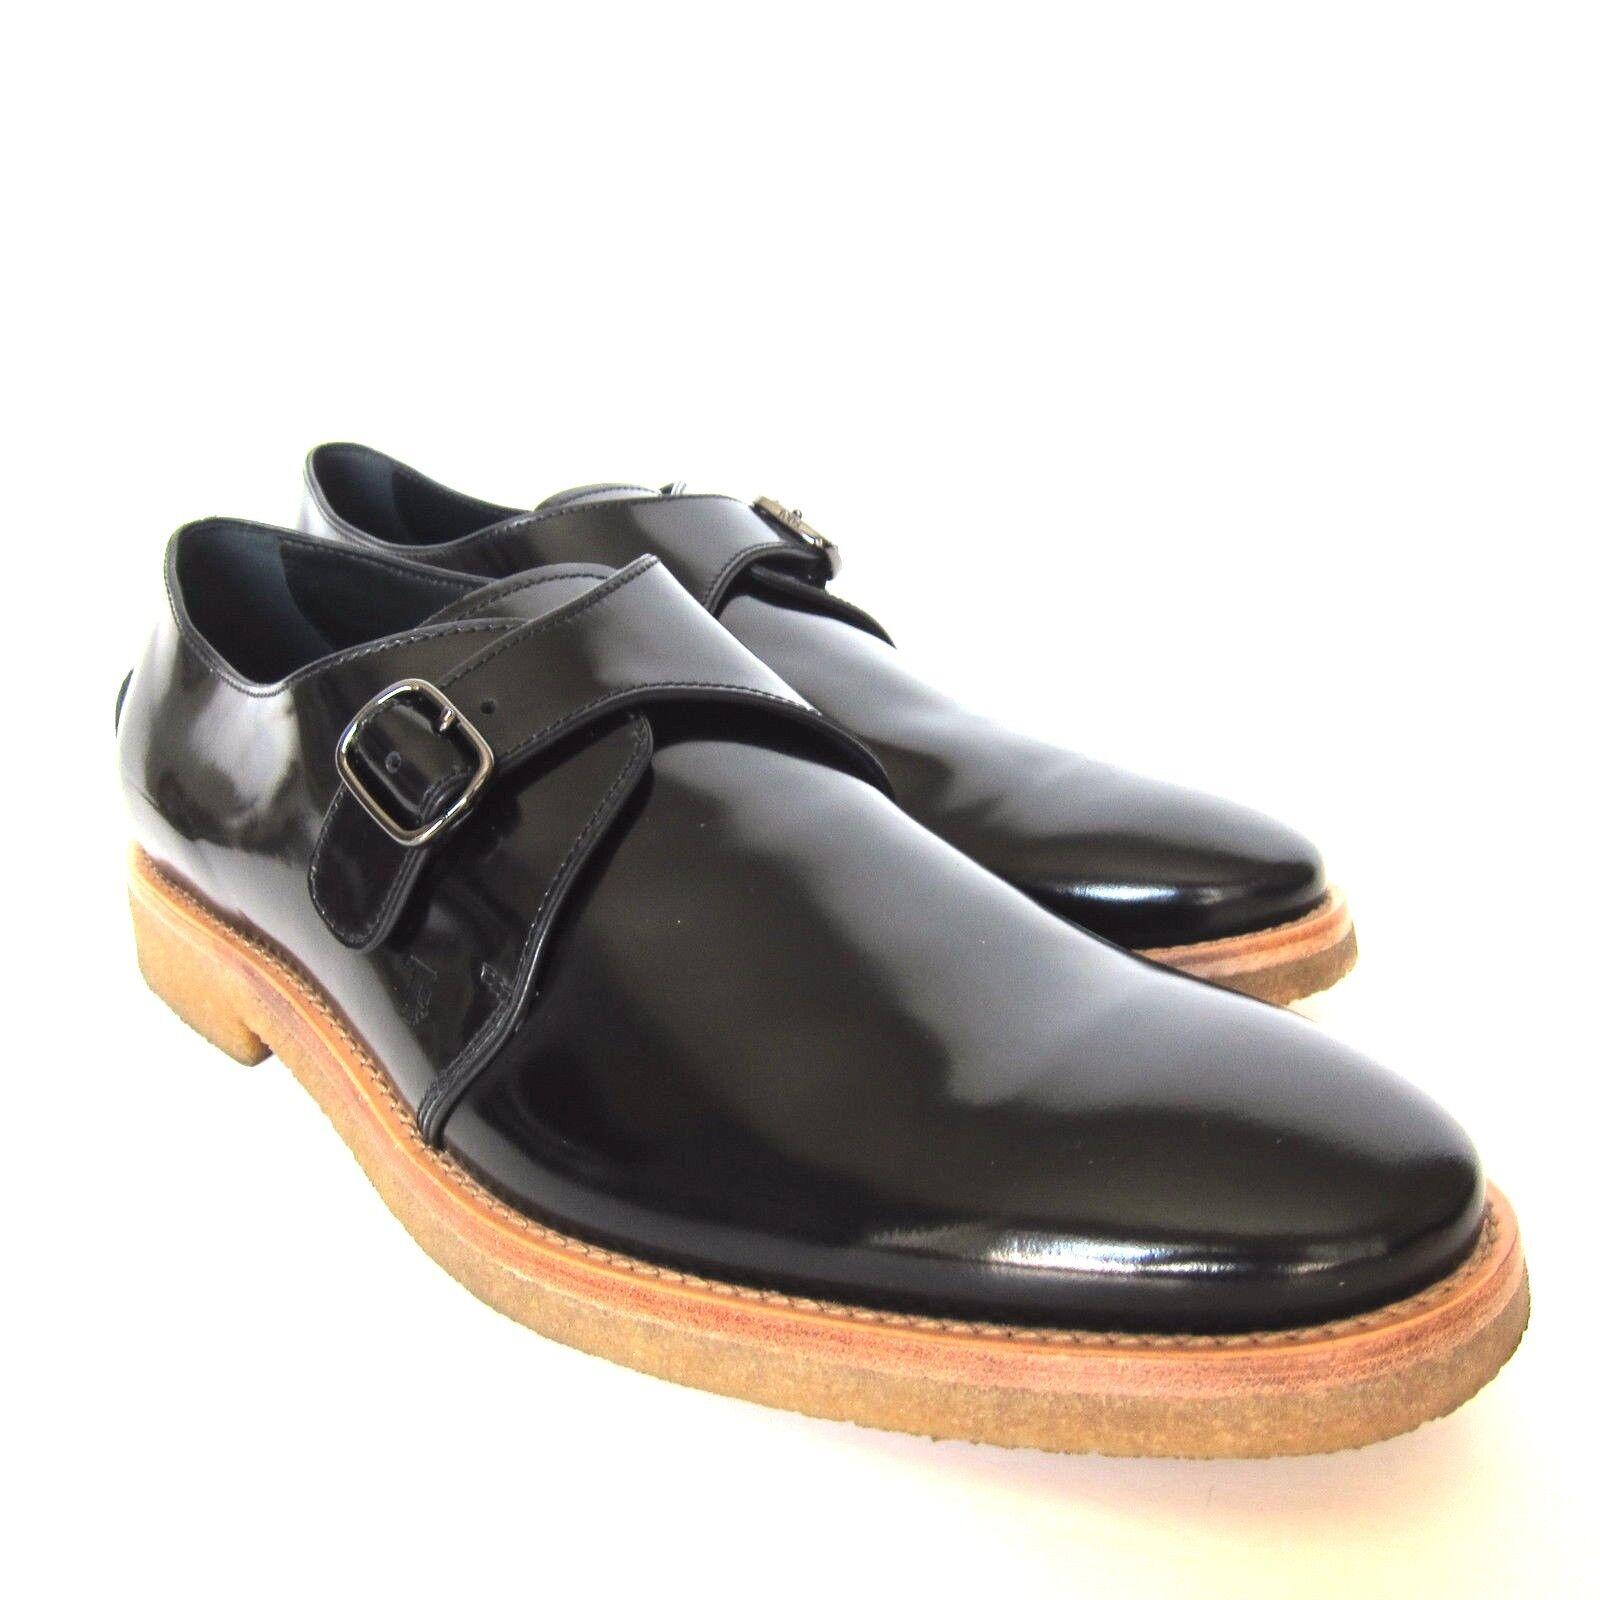 con il prezzo economico per ottenere la migliore marca W-813149 New Tods Blk Patent Patent Patent Leather Side Buckle scarpe Marked Dimensione 10.5 US-11.5  in vendita